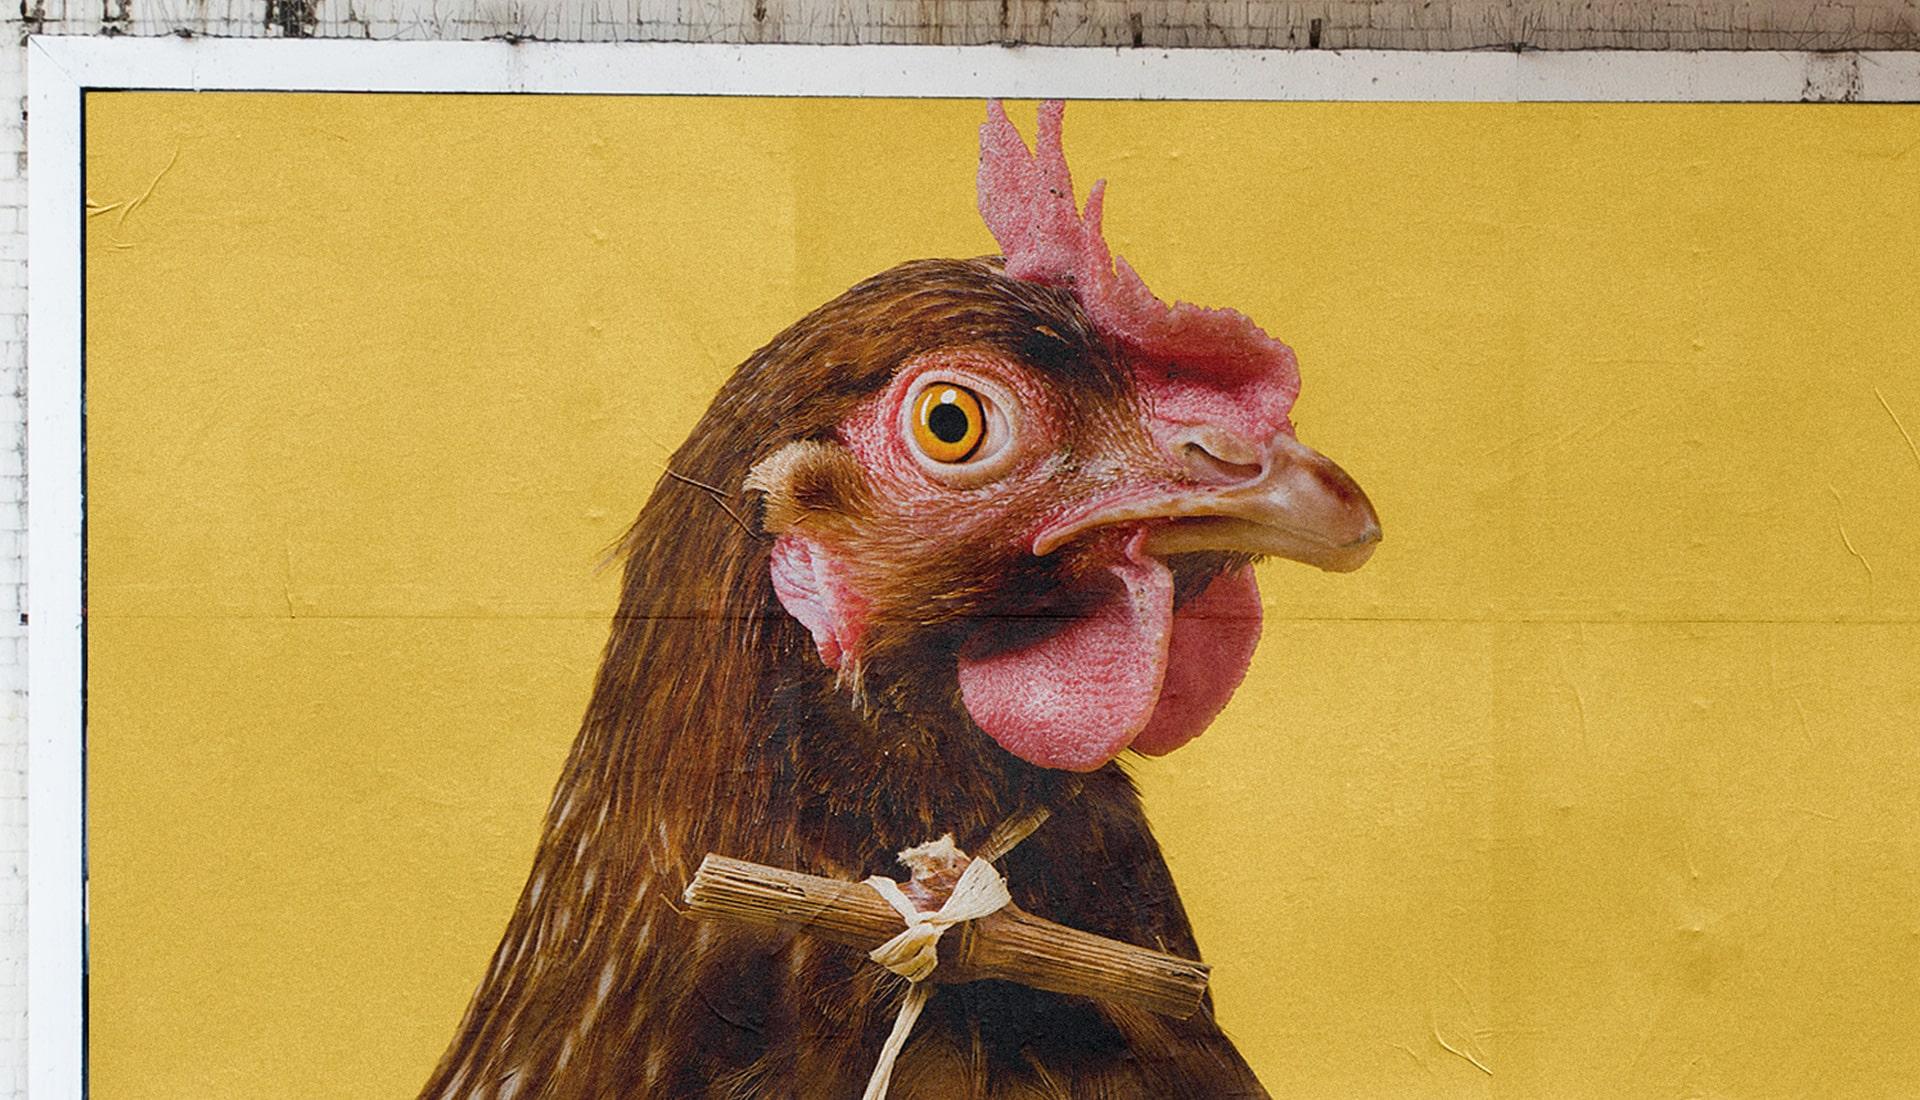 dettaglio-gallina-zaccagnini